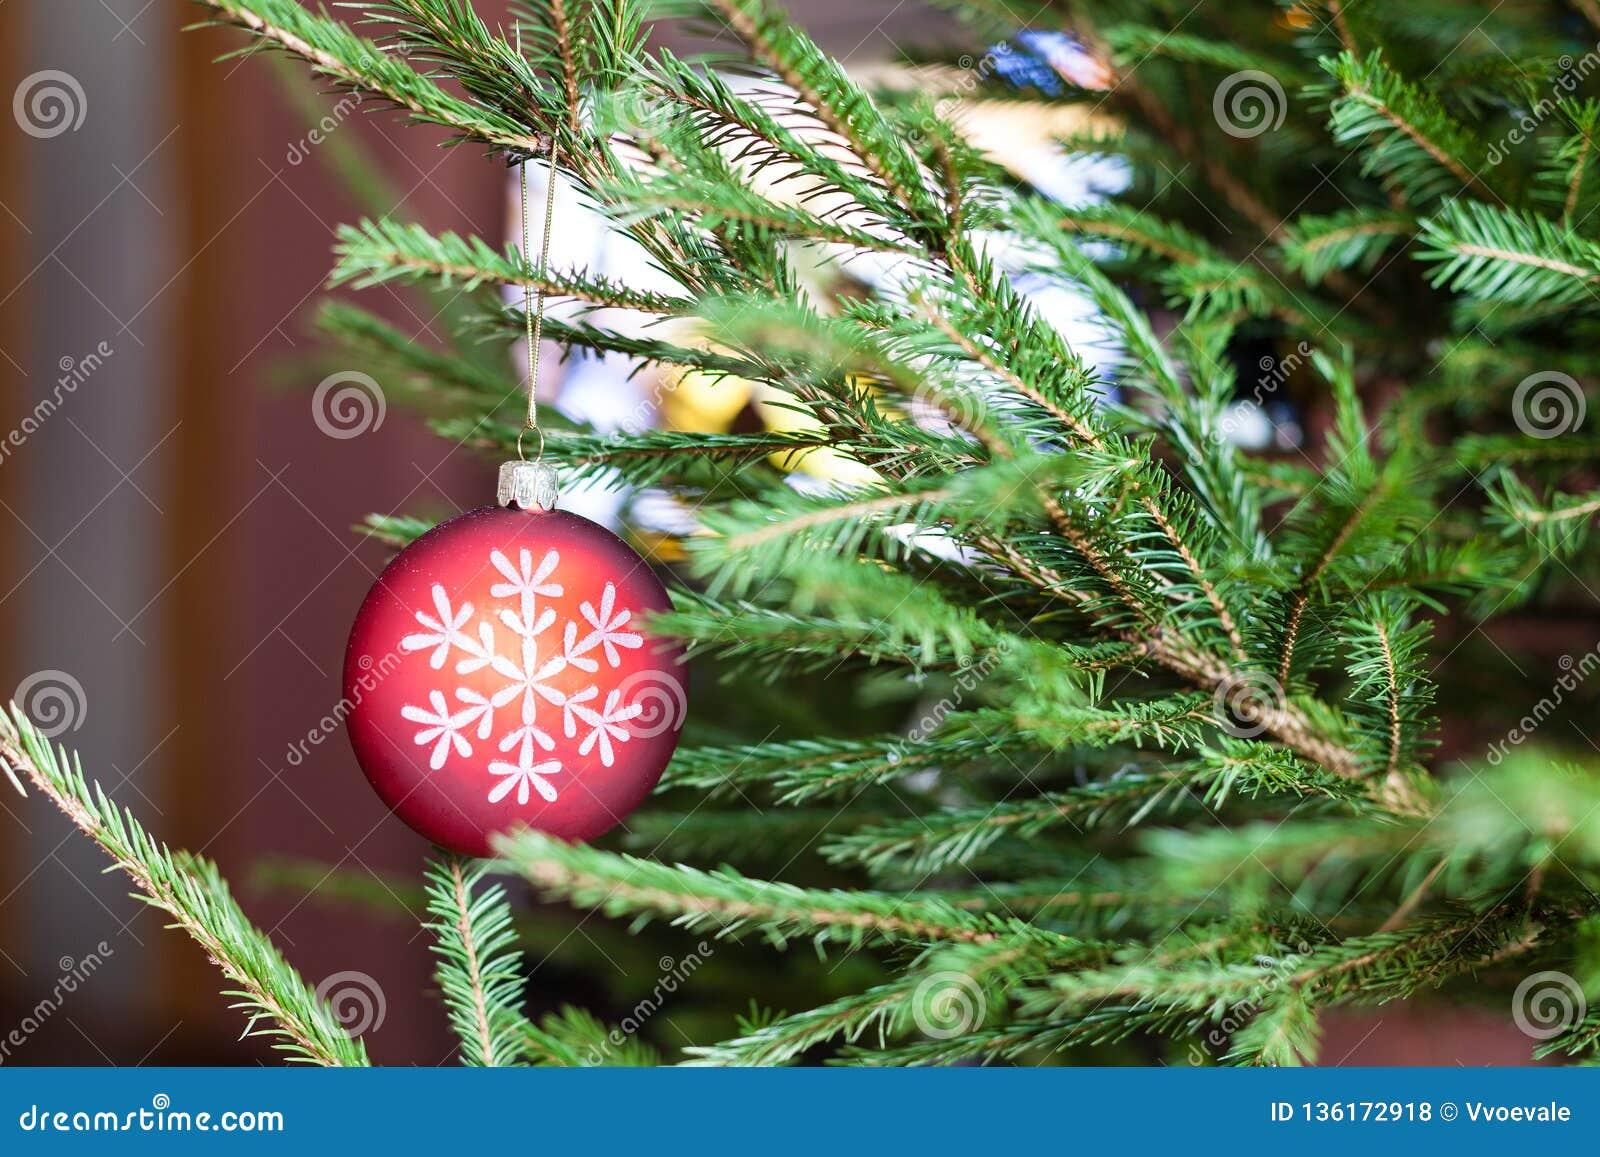 Ornamenten op takjes van Kerstboom en Televisie